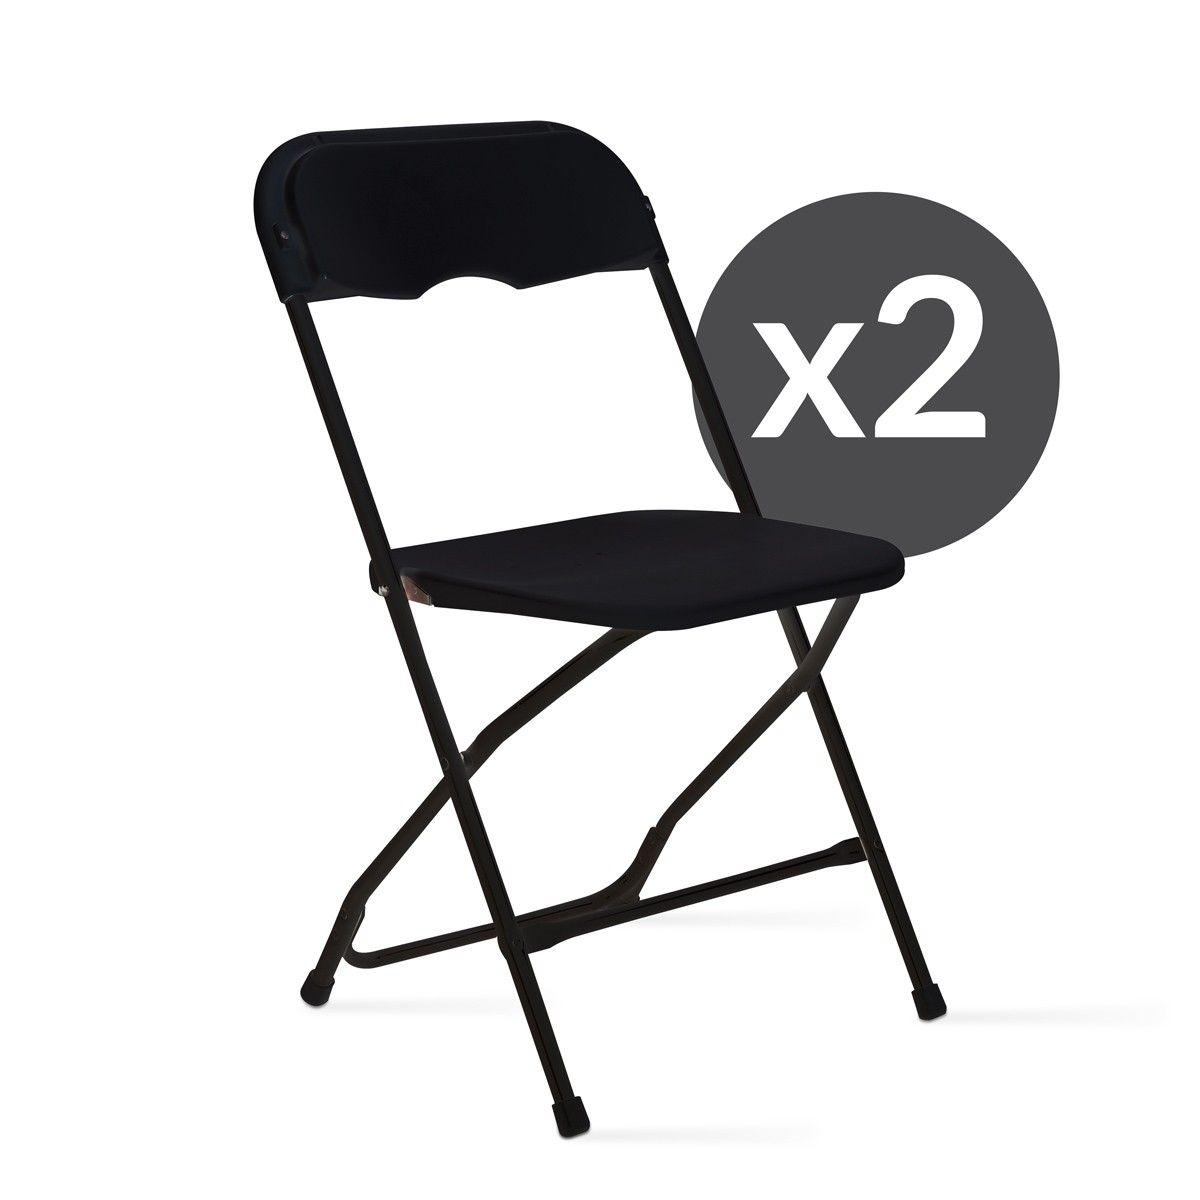 2 chaises pliantes noires de réception | Chaise plastique